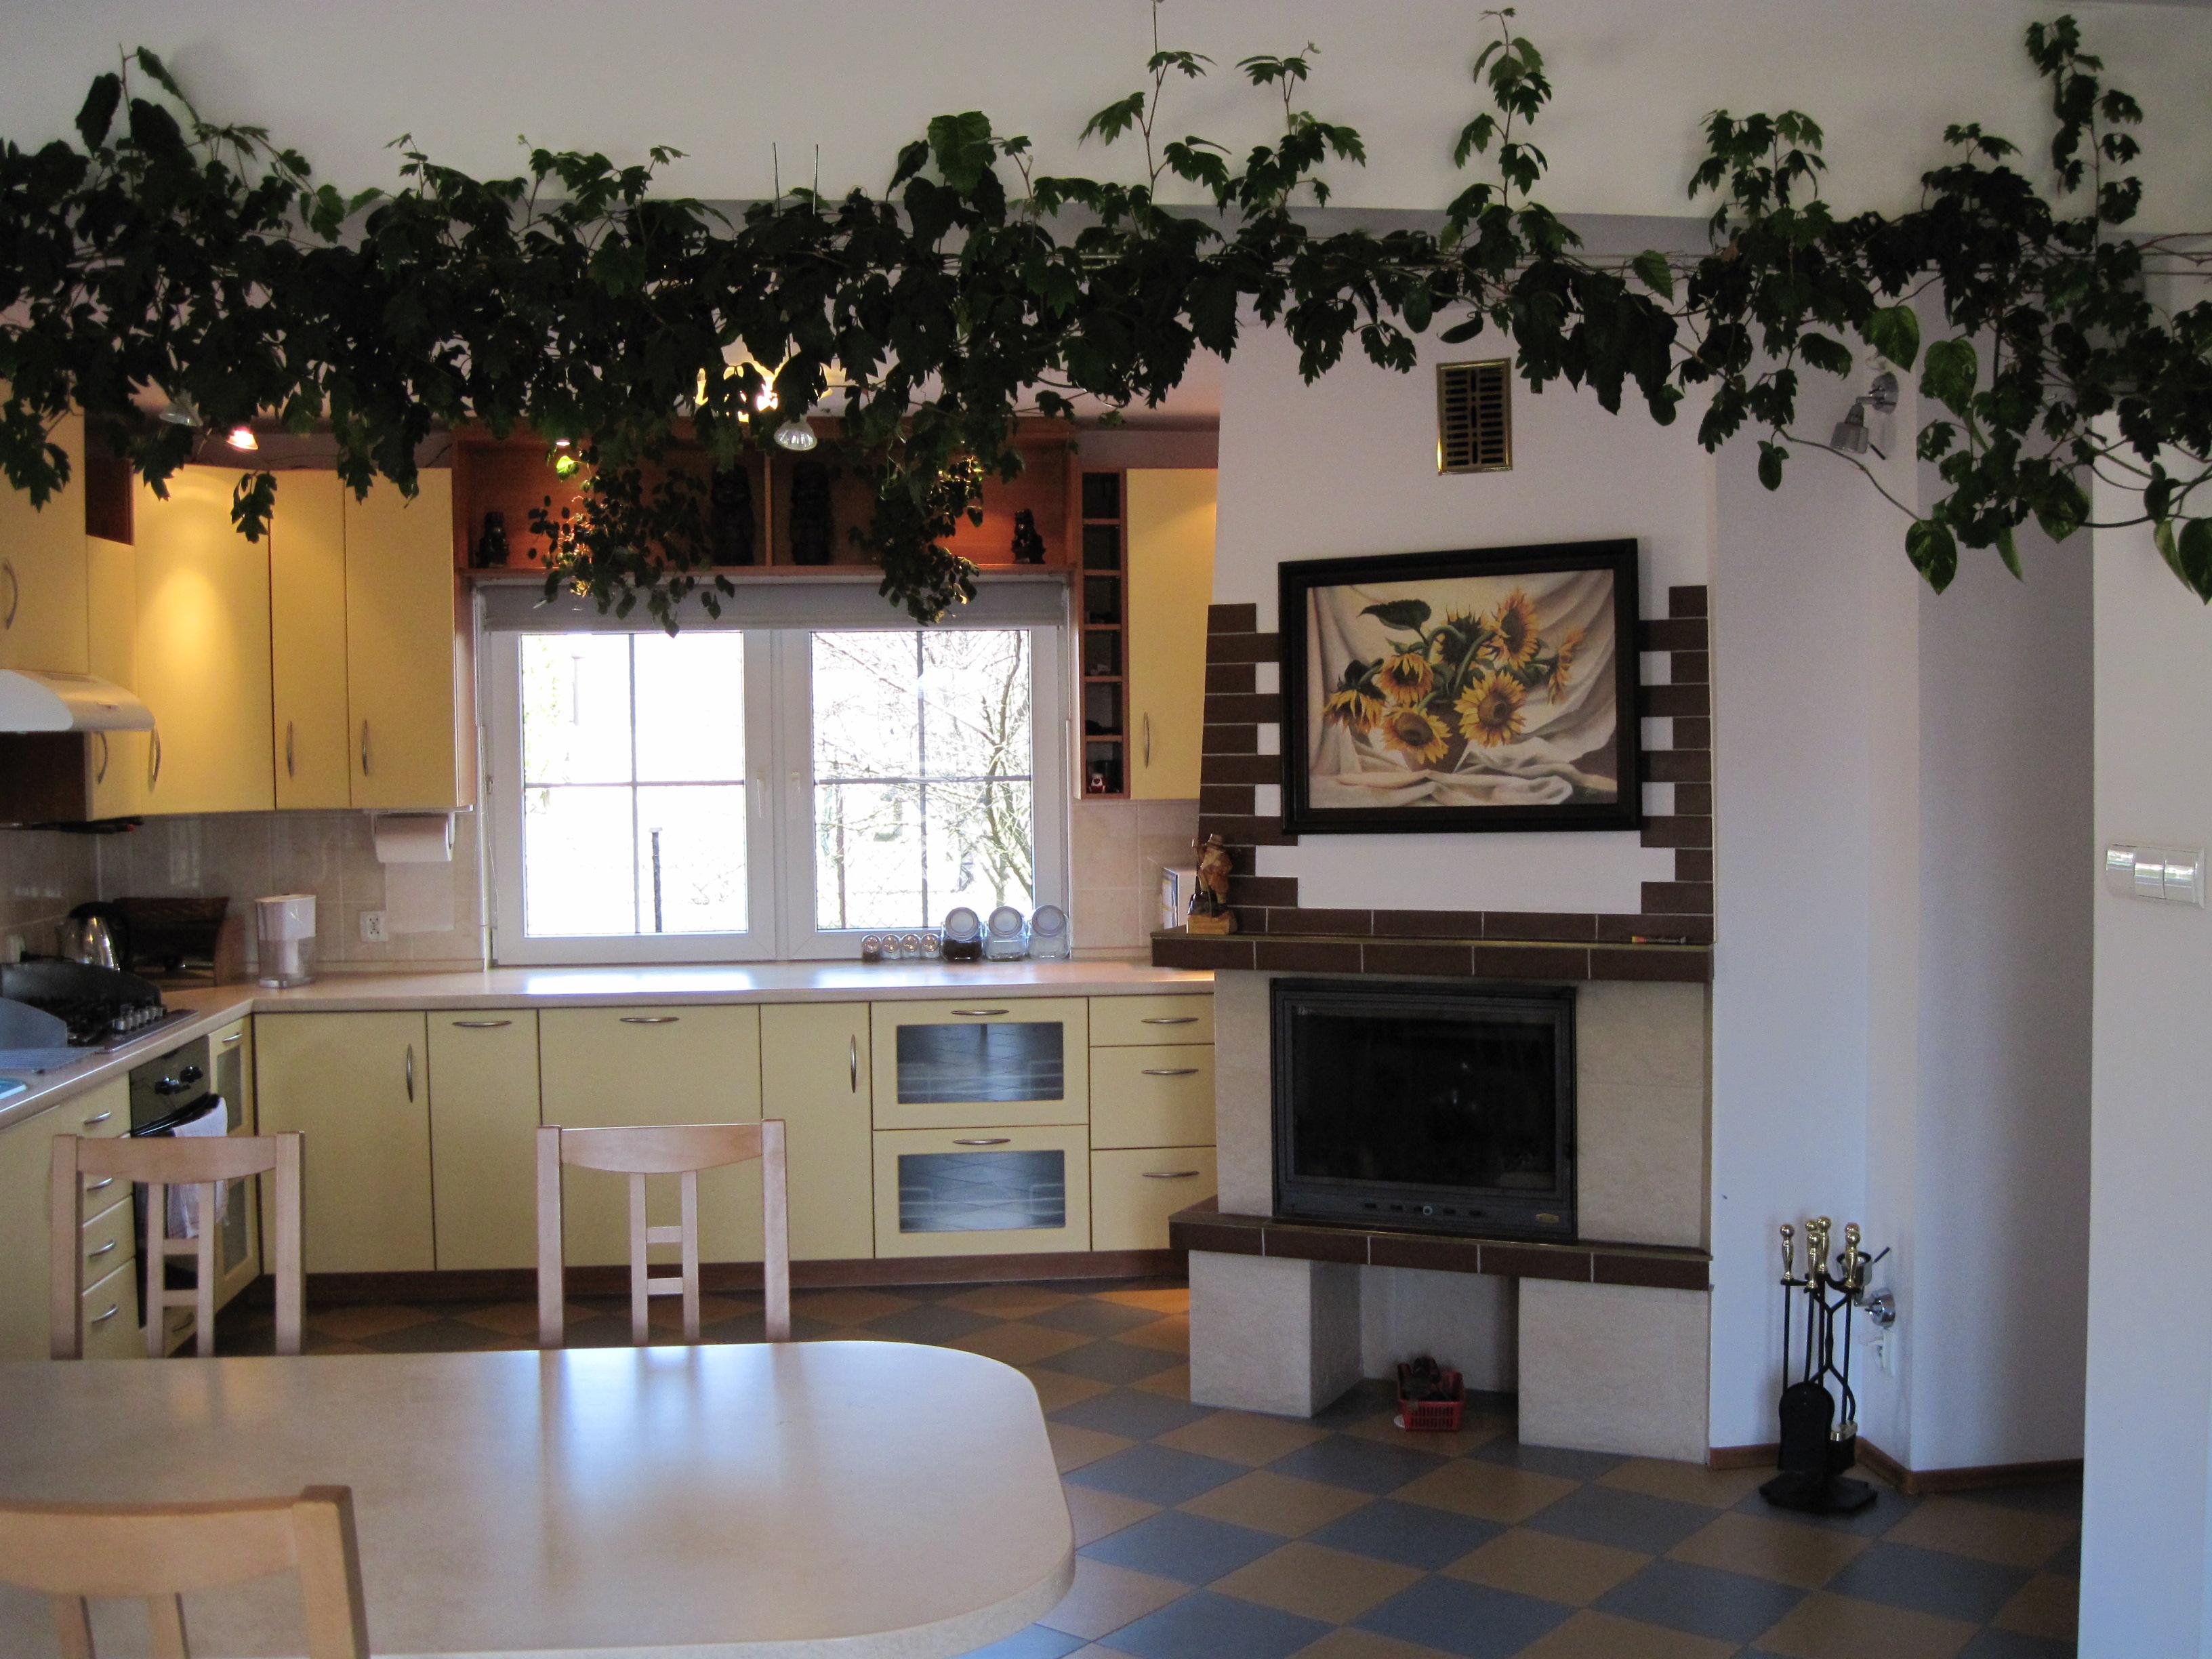 aranżacje kuchni małej łódź, meble kuchenne pod zabudowe, meble kuchenne projekt -> Kuchnia Pod Zabudowe Projekt